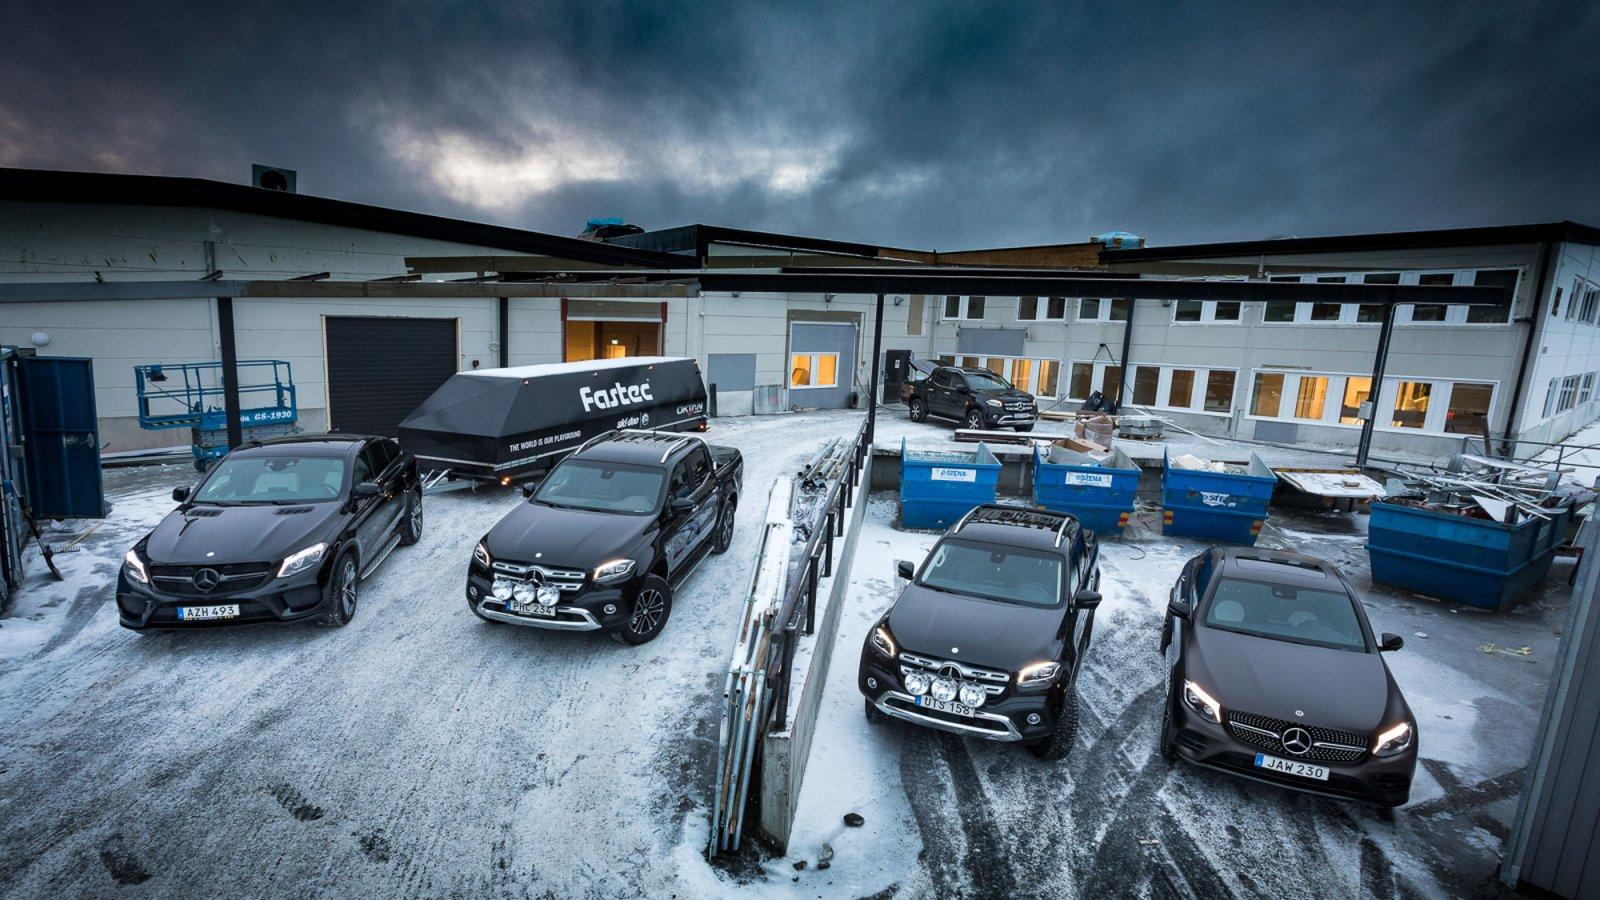 På Fastec i Östersund har man valt att köra Mercedes-Benz. Både som tjänstebil och transportbil.